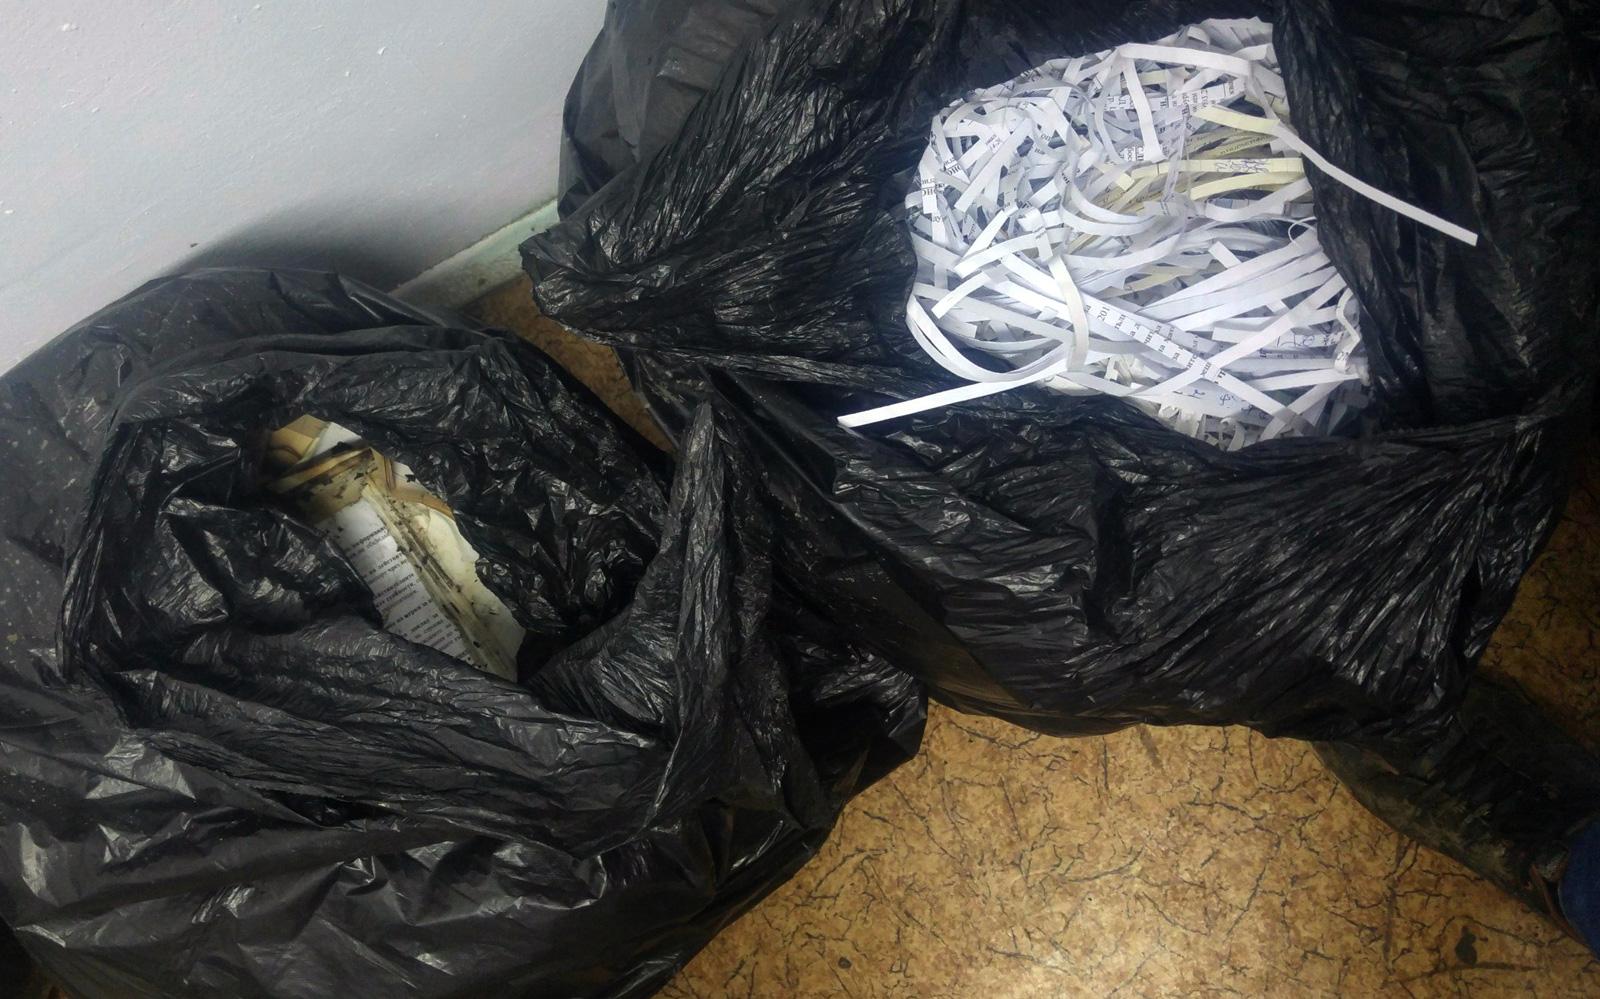 Documentele tocate și cele arse au fost colectate de polițiști și jurnaliști și au fost duse la sediul poliției bulgare.